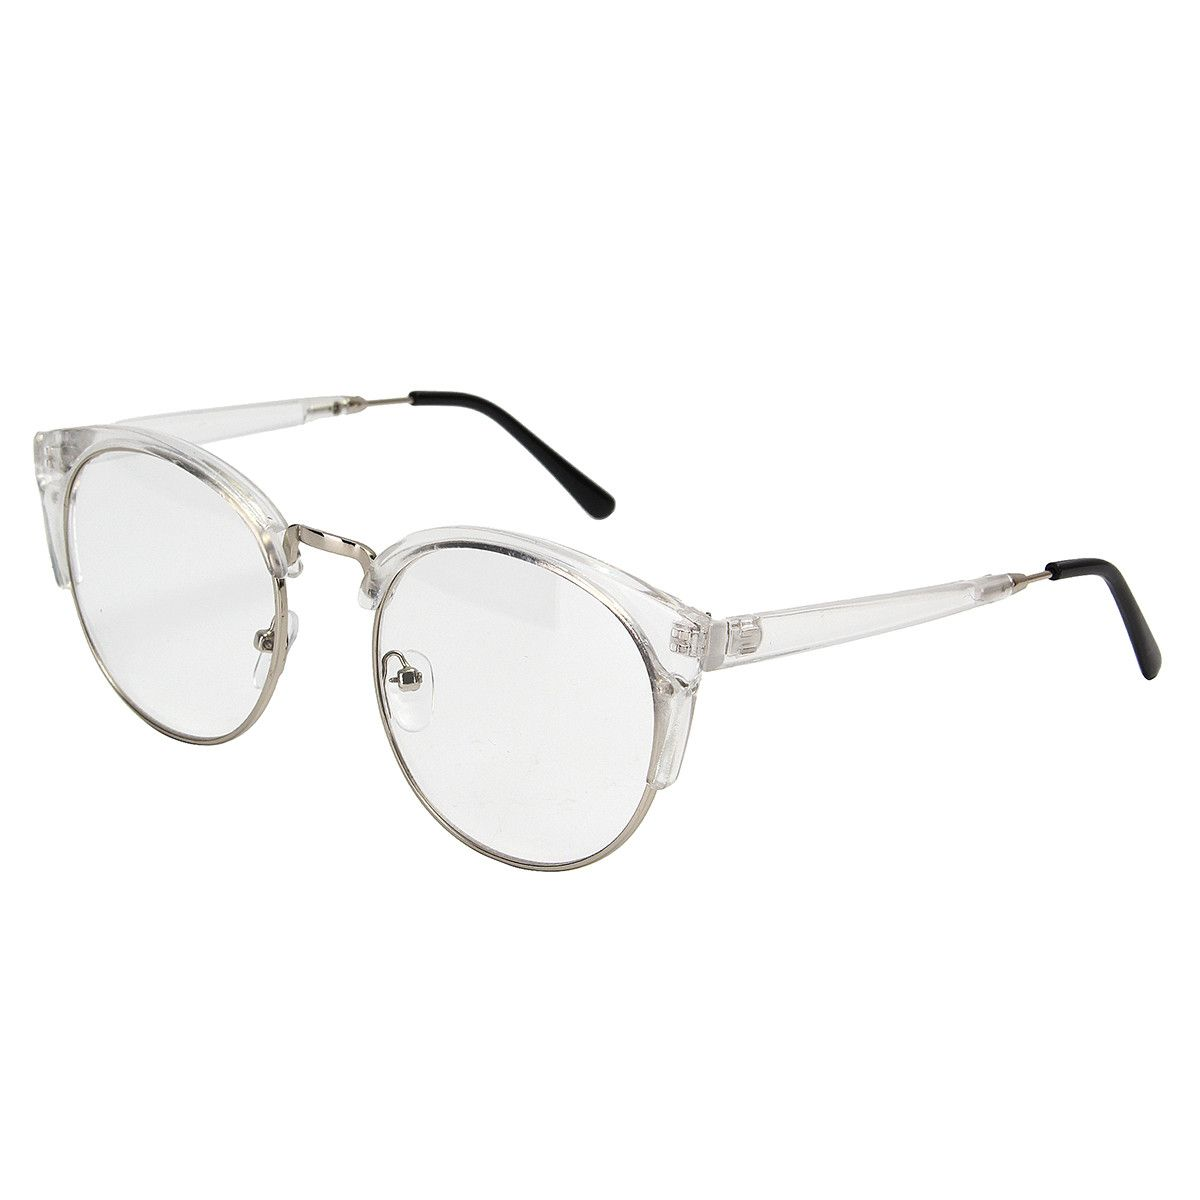 Llanura Gafas vendimia Anteojos con marcos de medio borde de metal ...